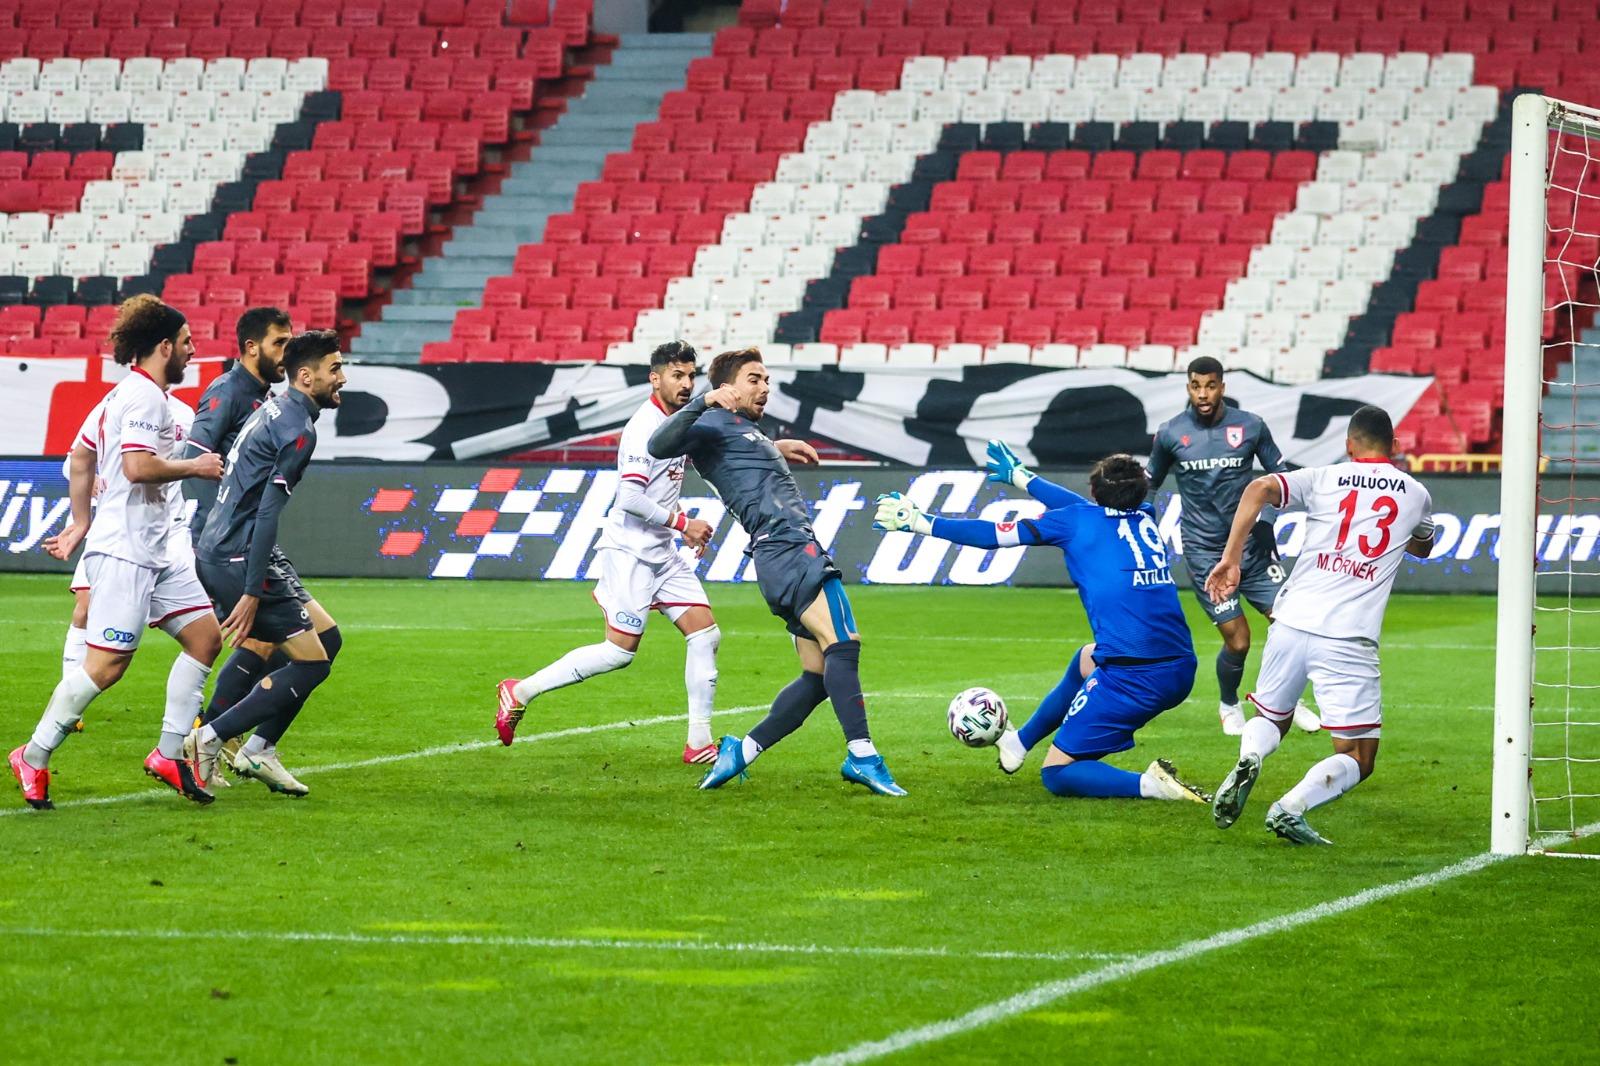 Yılport Samsunspor Süper Lige Göz Kırpıyor